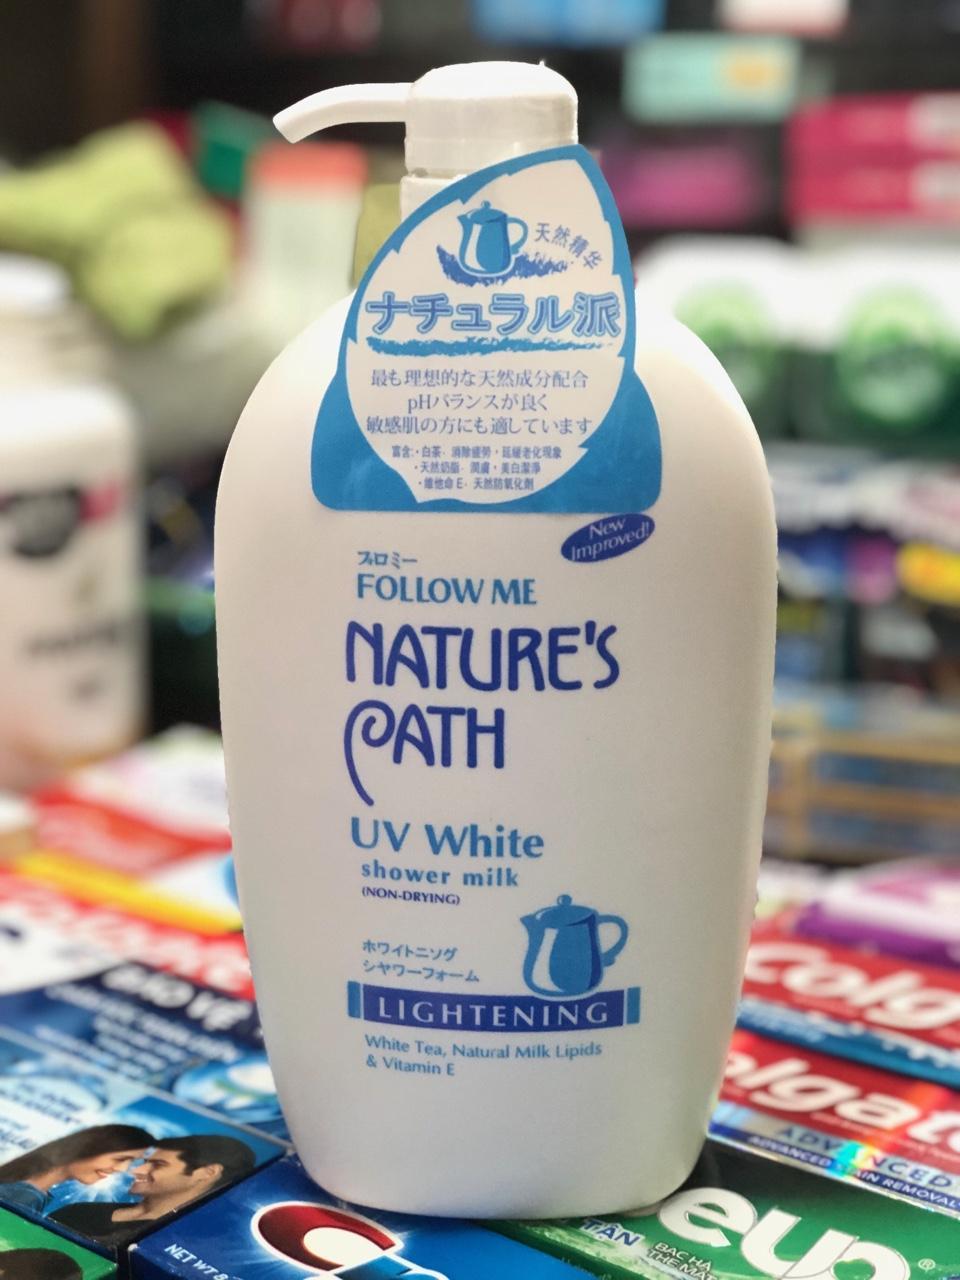 SỮA TẮM TRẮNG DA FOLLOW ME NATURE PATH UV WHITE SHOWER MILK 1000ml chính hãng